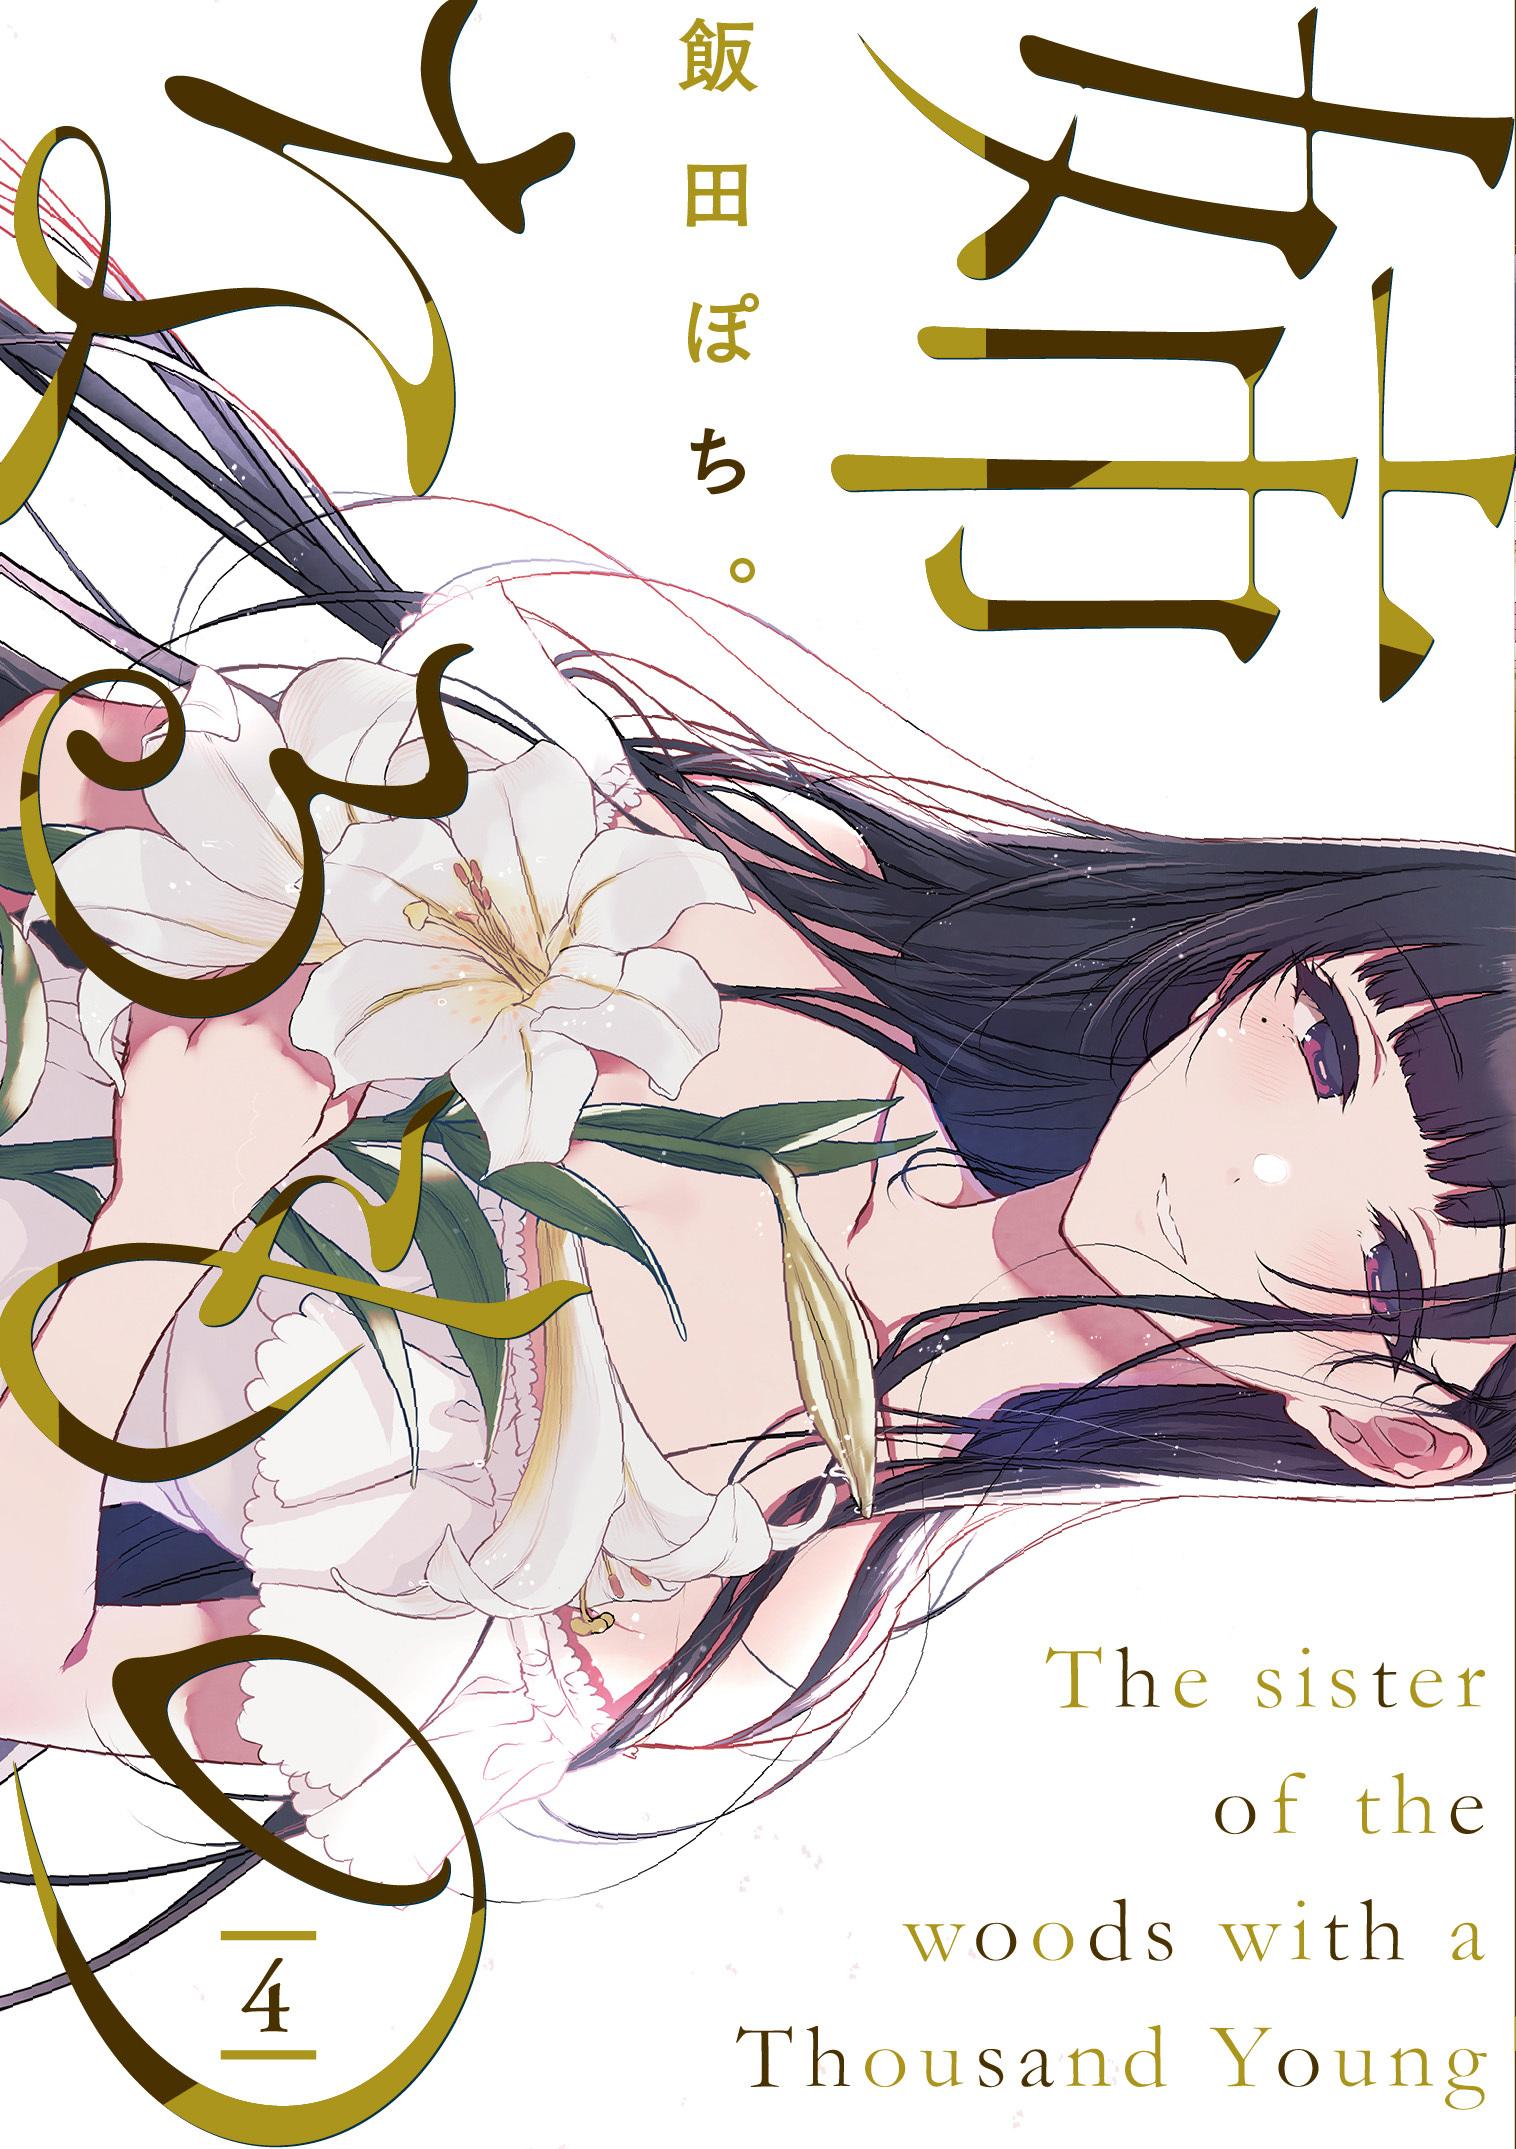 『姉なるもの』第4巻 (C)2020 飯田ぽち。 /テケリスタジオ/KADOKAWA/姉なるもの製作委員会